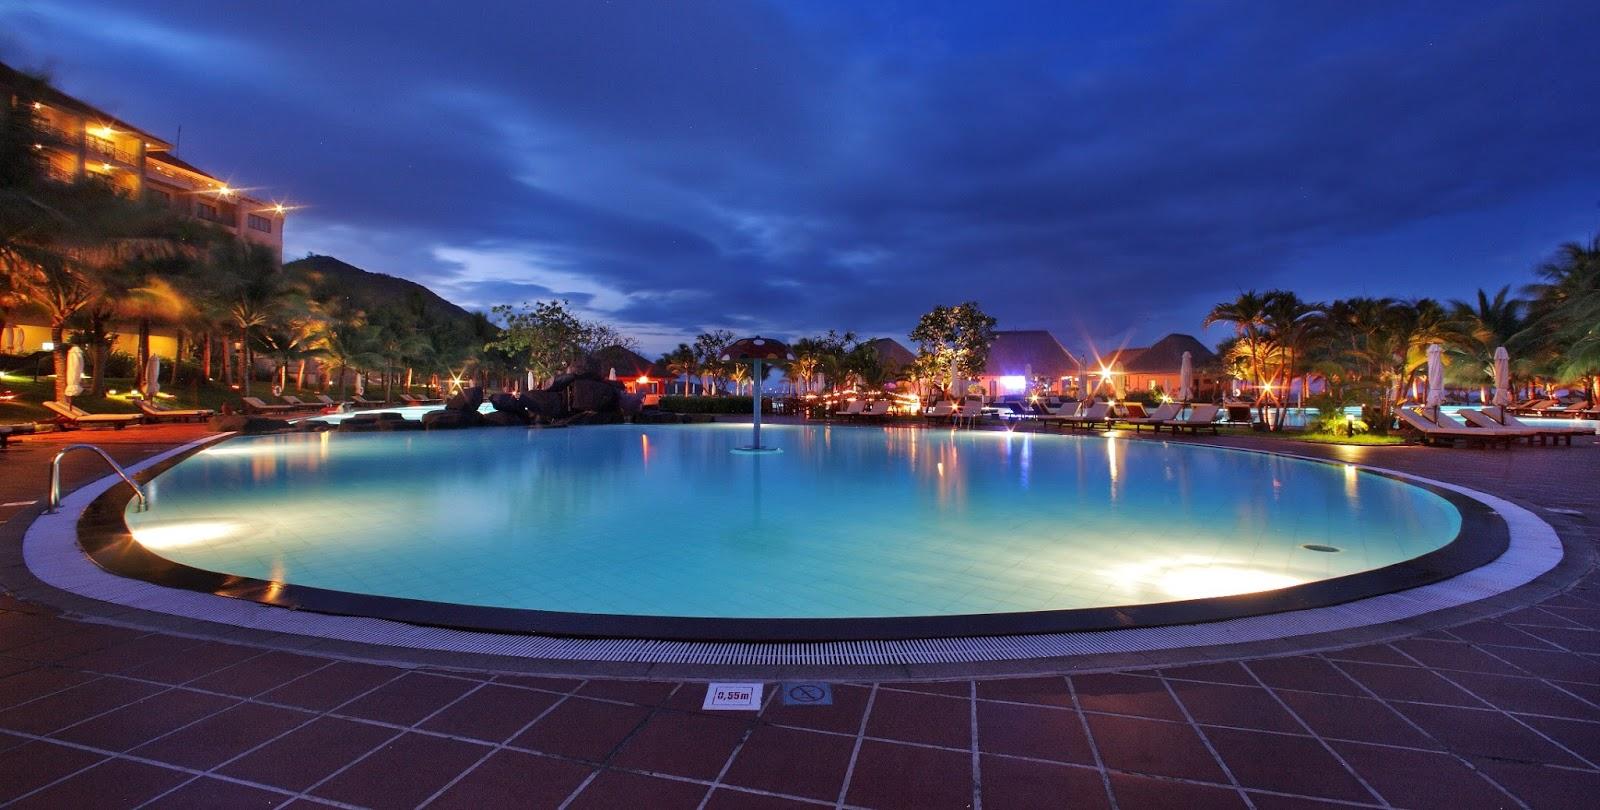 Kinh nghiệm đi chơi Vinpearl Land Nha Trang